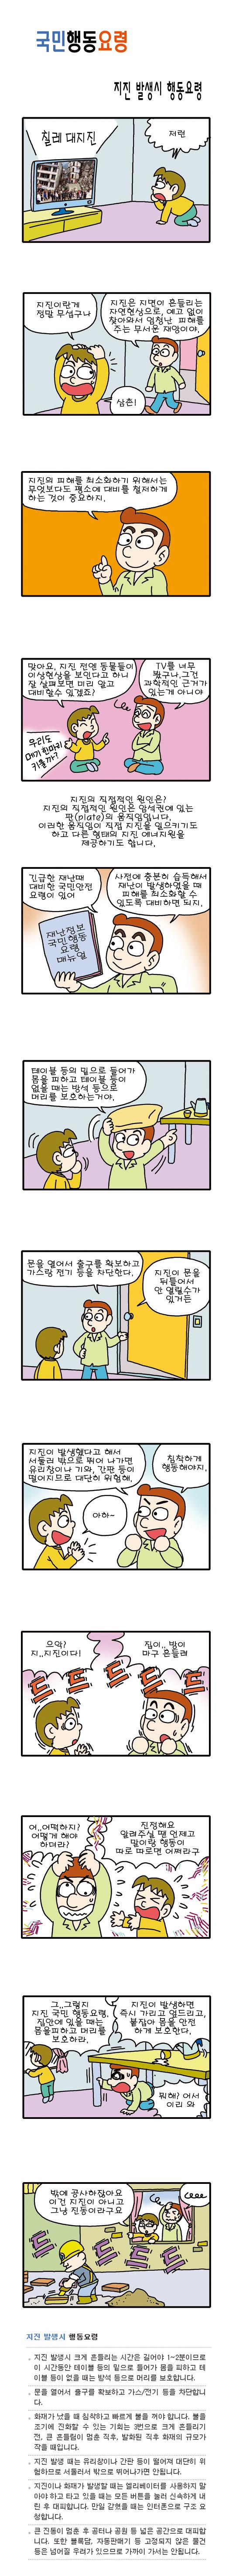 지진발생 시 행동요령 알아두세요